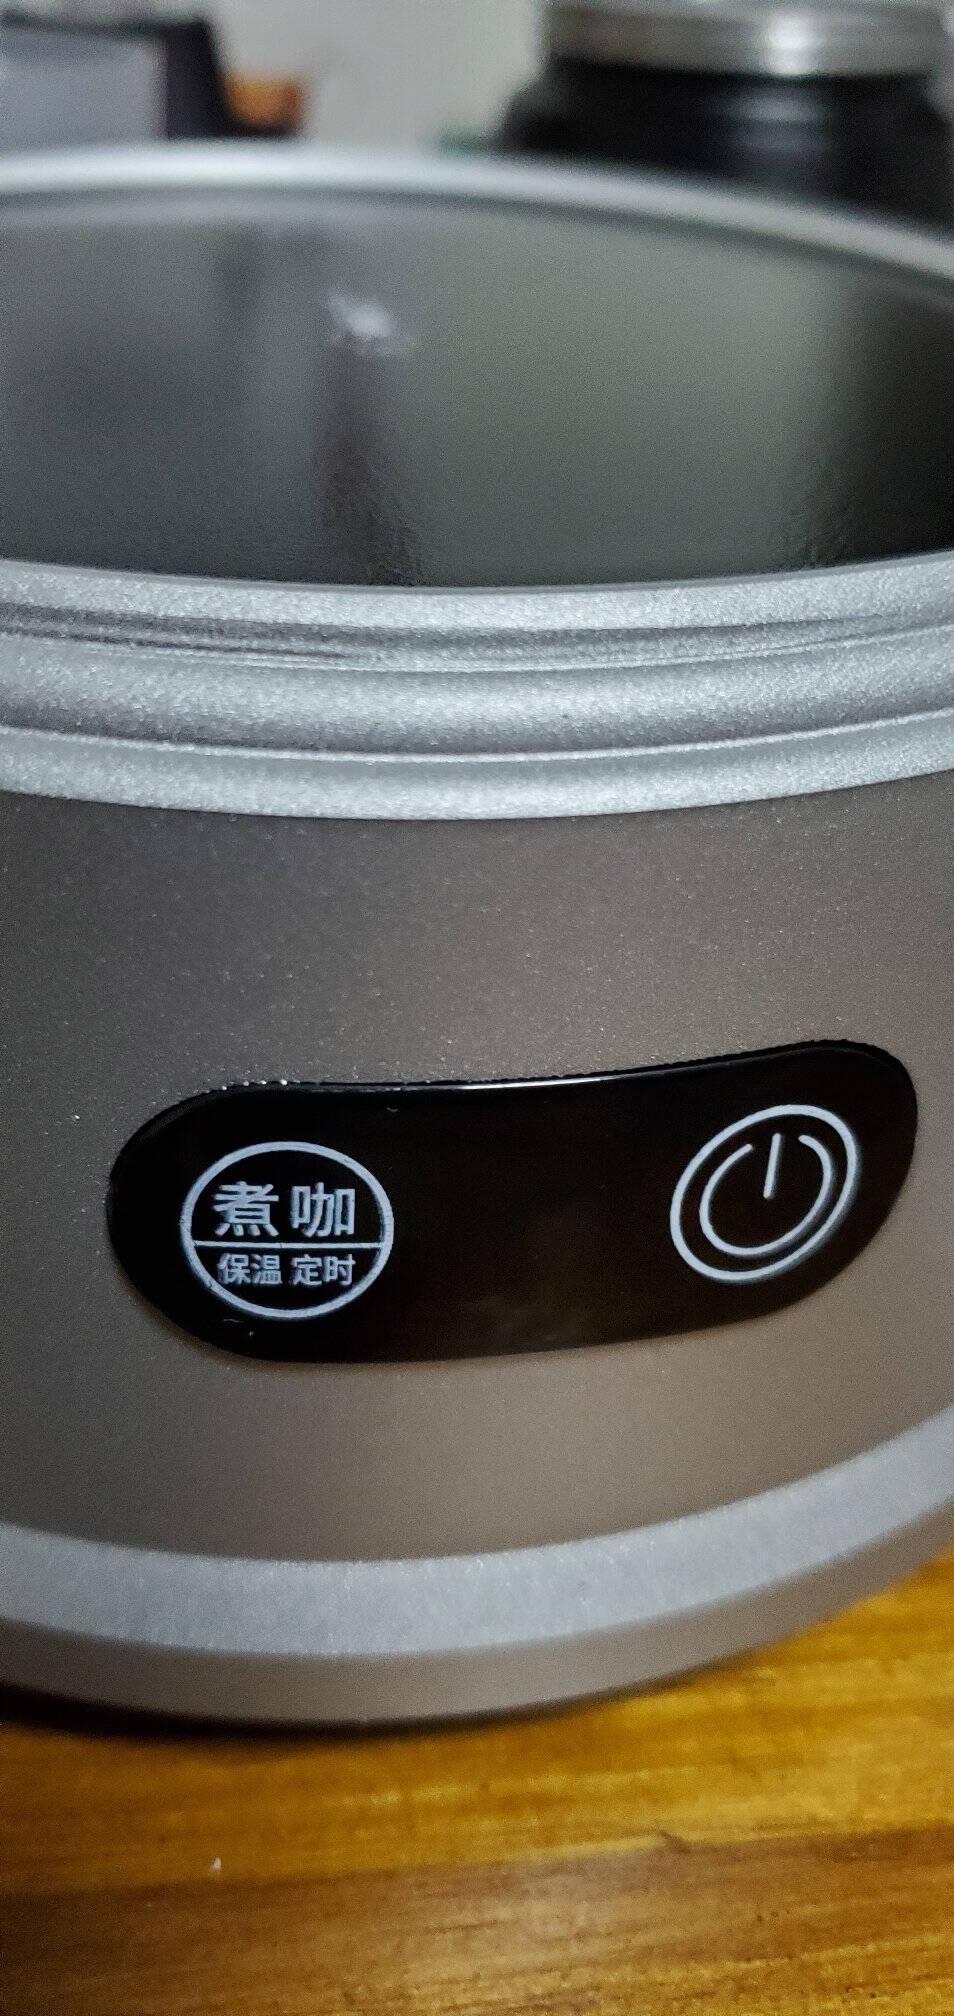 比乐蒂Bialetti摩卡壶意大利进口手冲双阀咖啡壶高压特浓家用意式滴滤brikka壶4杯份